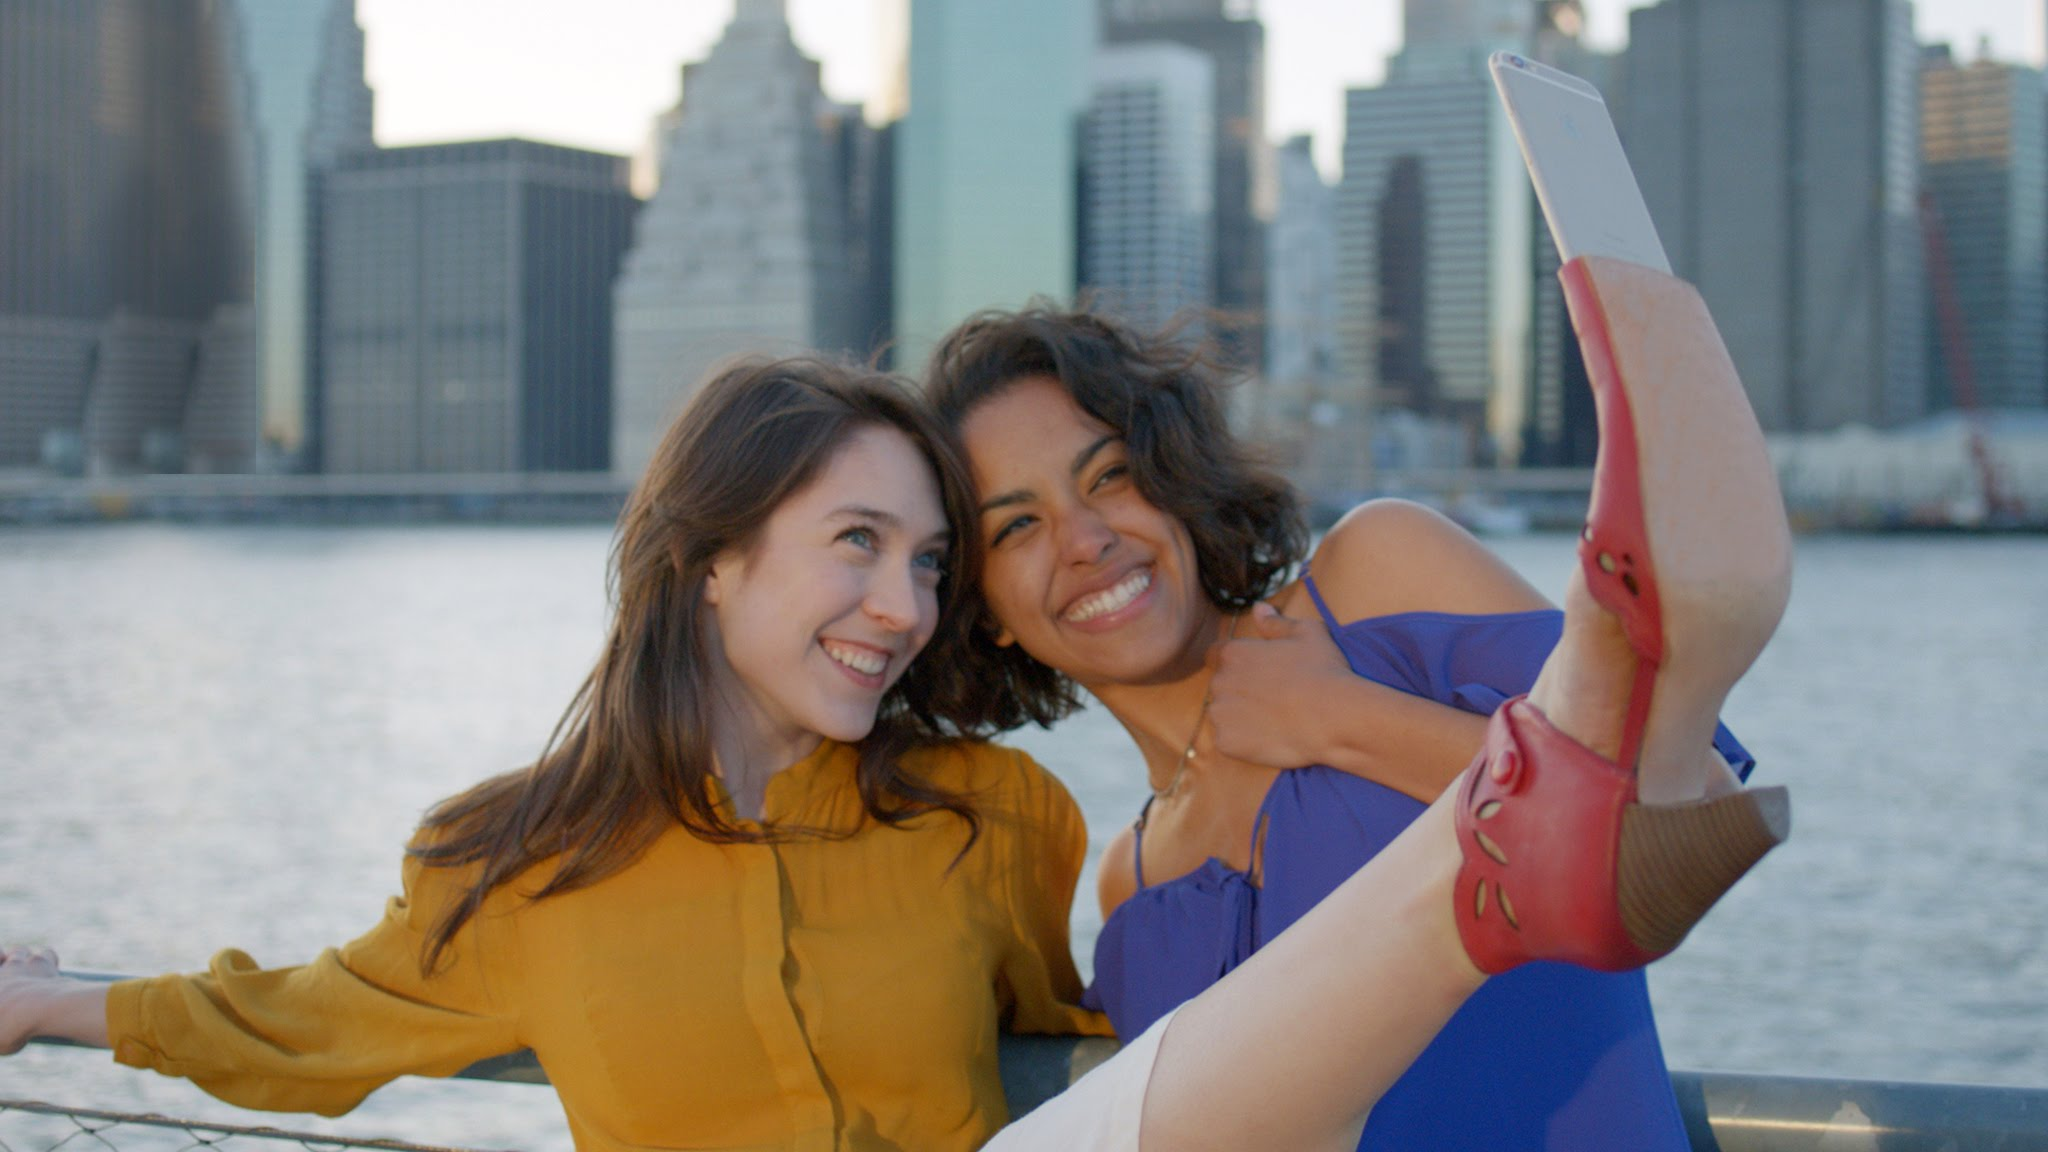 Selfie Shoes Miz Mooz Stick Trasformazione Foto Piedi Scatto Rivoluzione Autoscatto